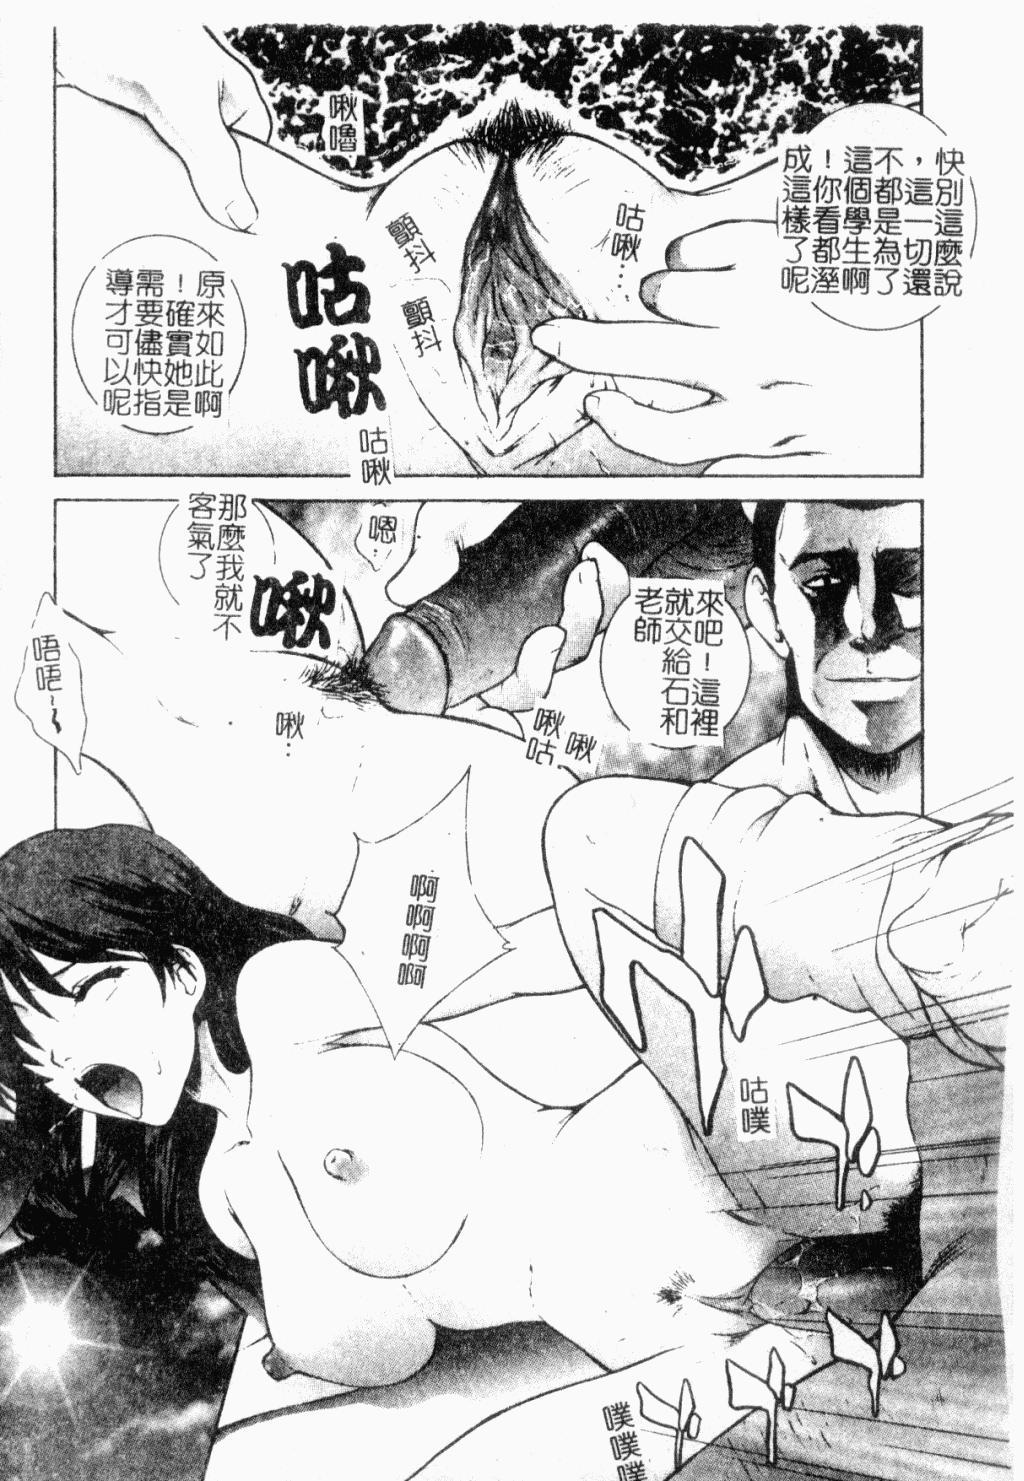 Choukyou Gakuen 2 Genteiban 13